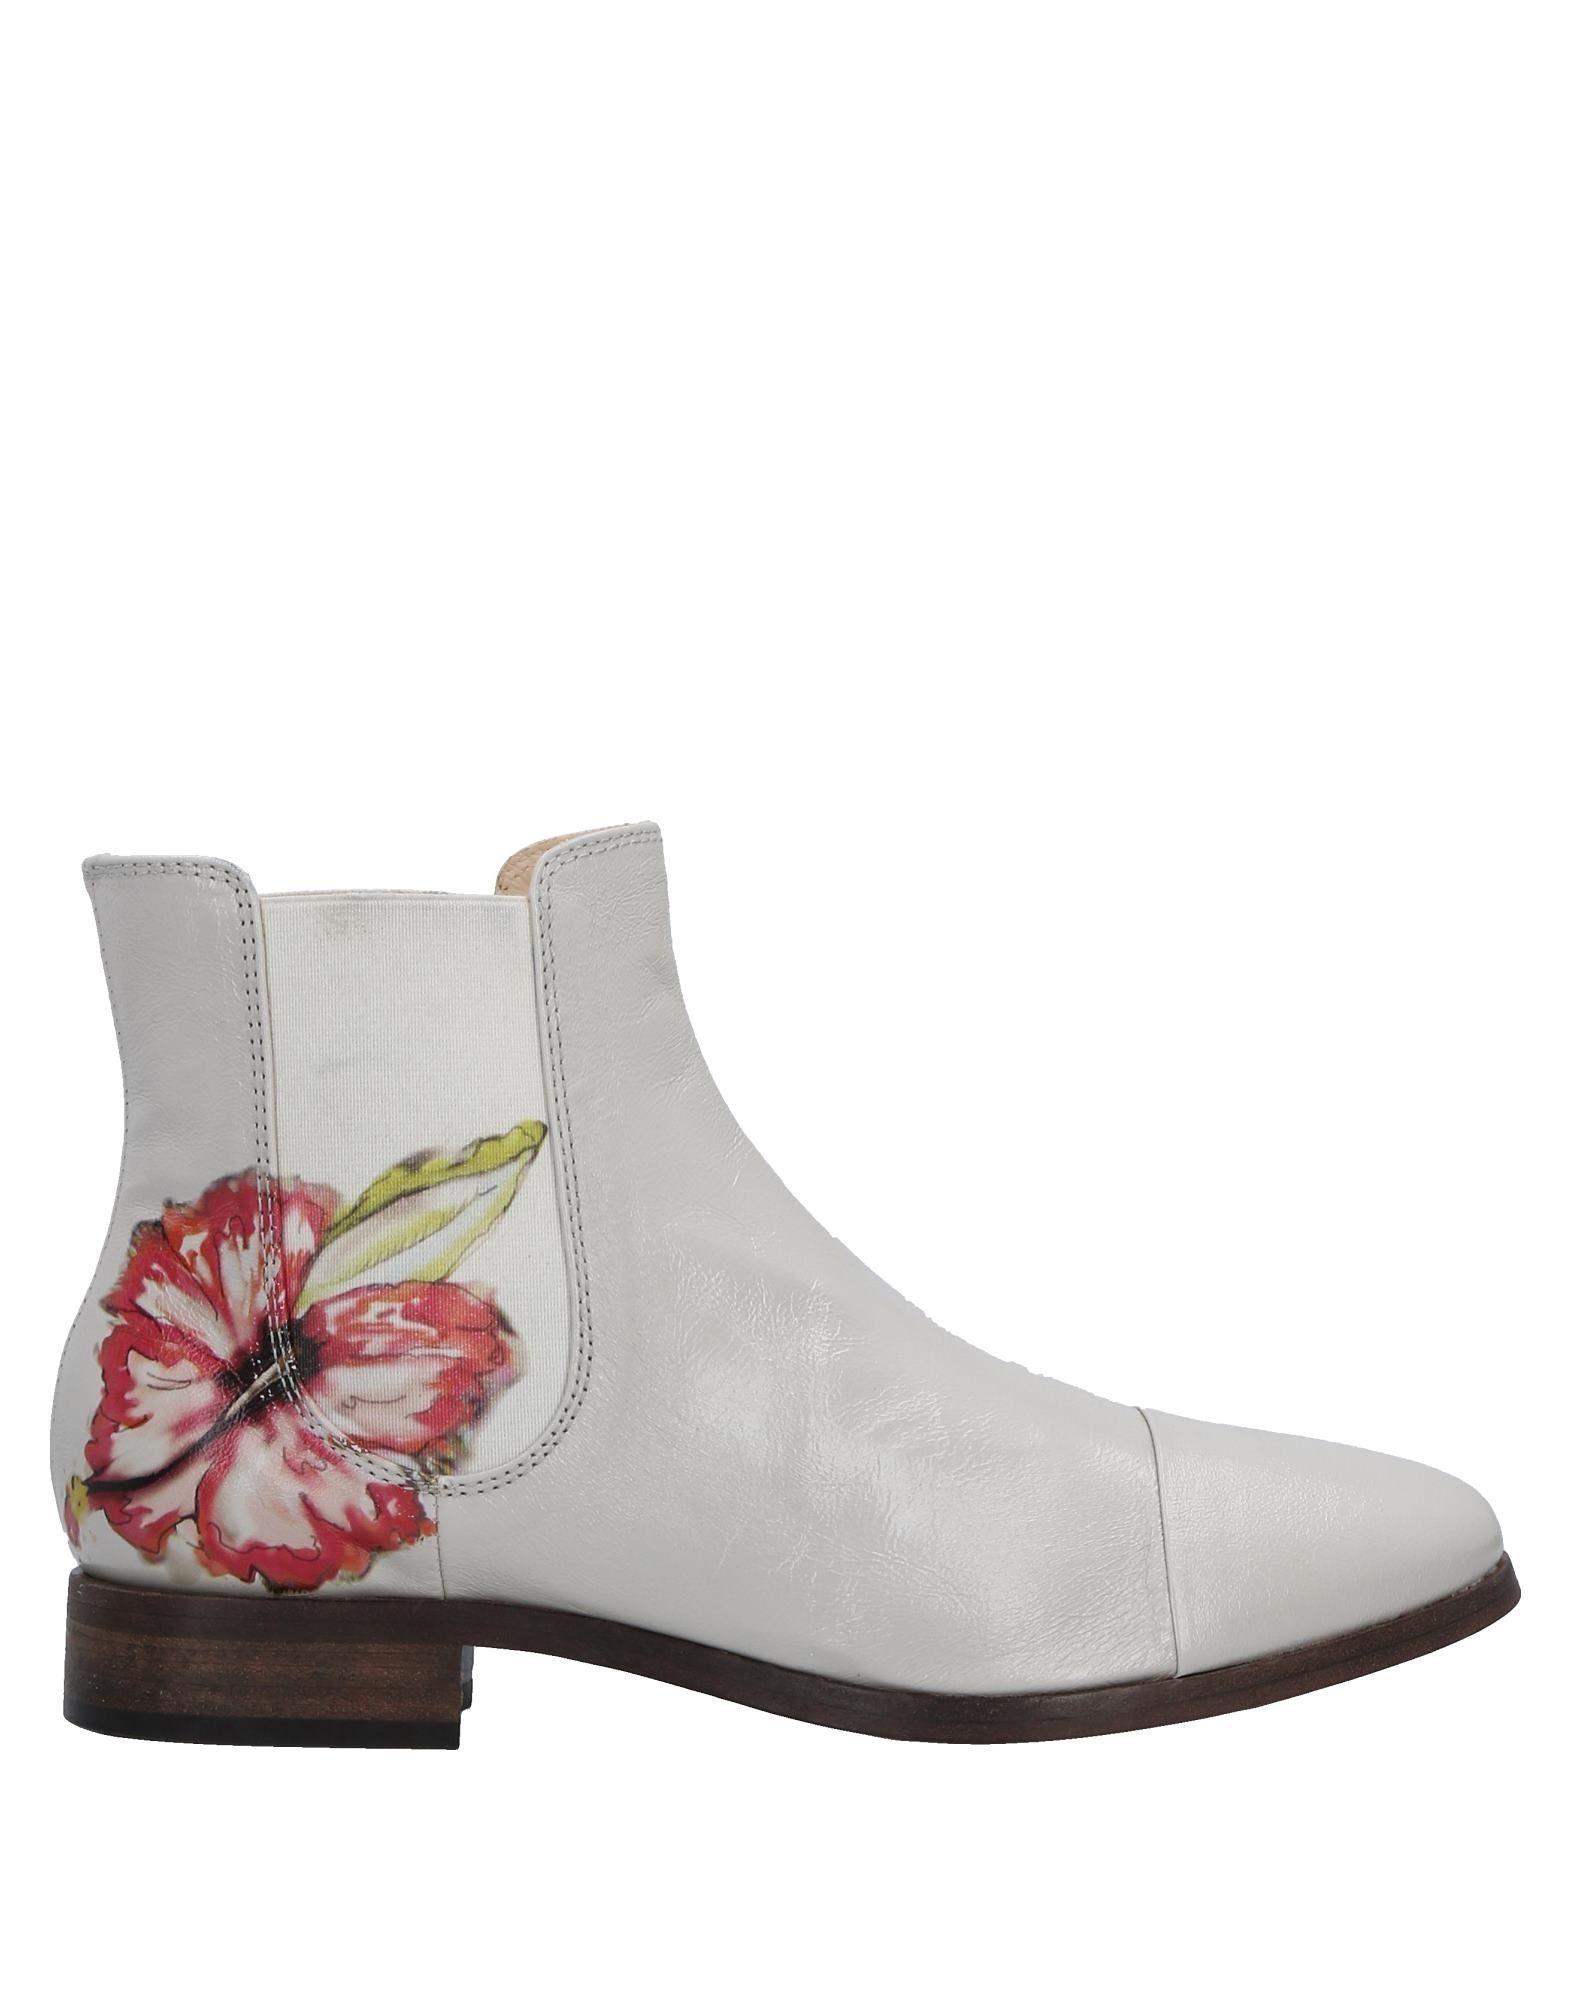 FABI Полусапоги и высокие ботинки joyks полусапоги и высокие ботинки